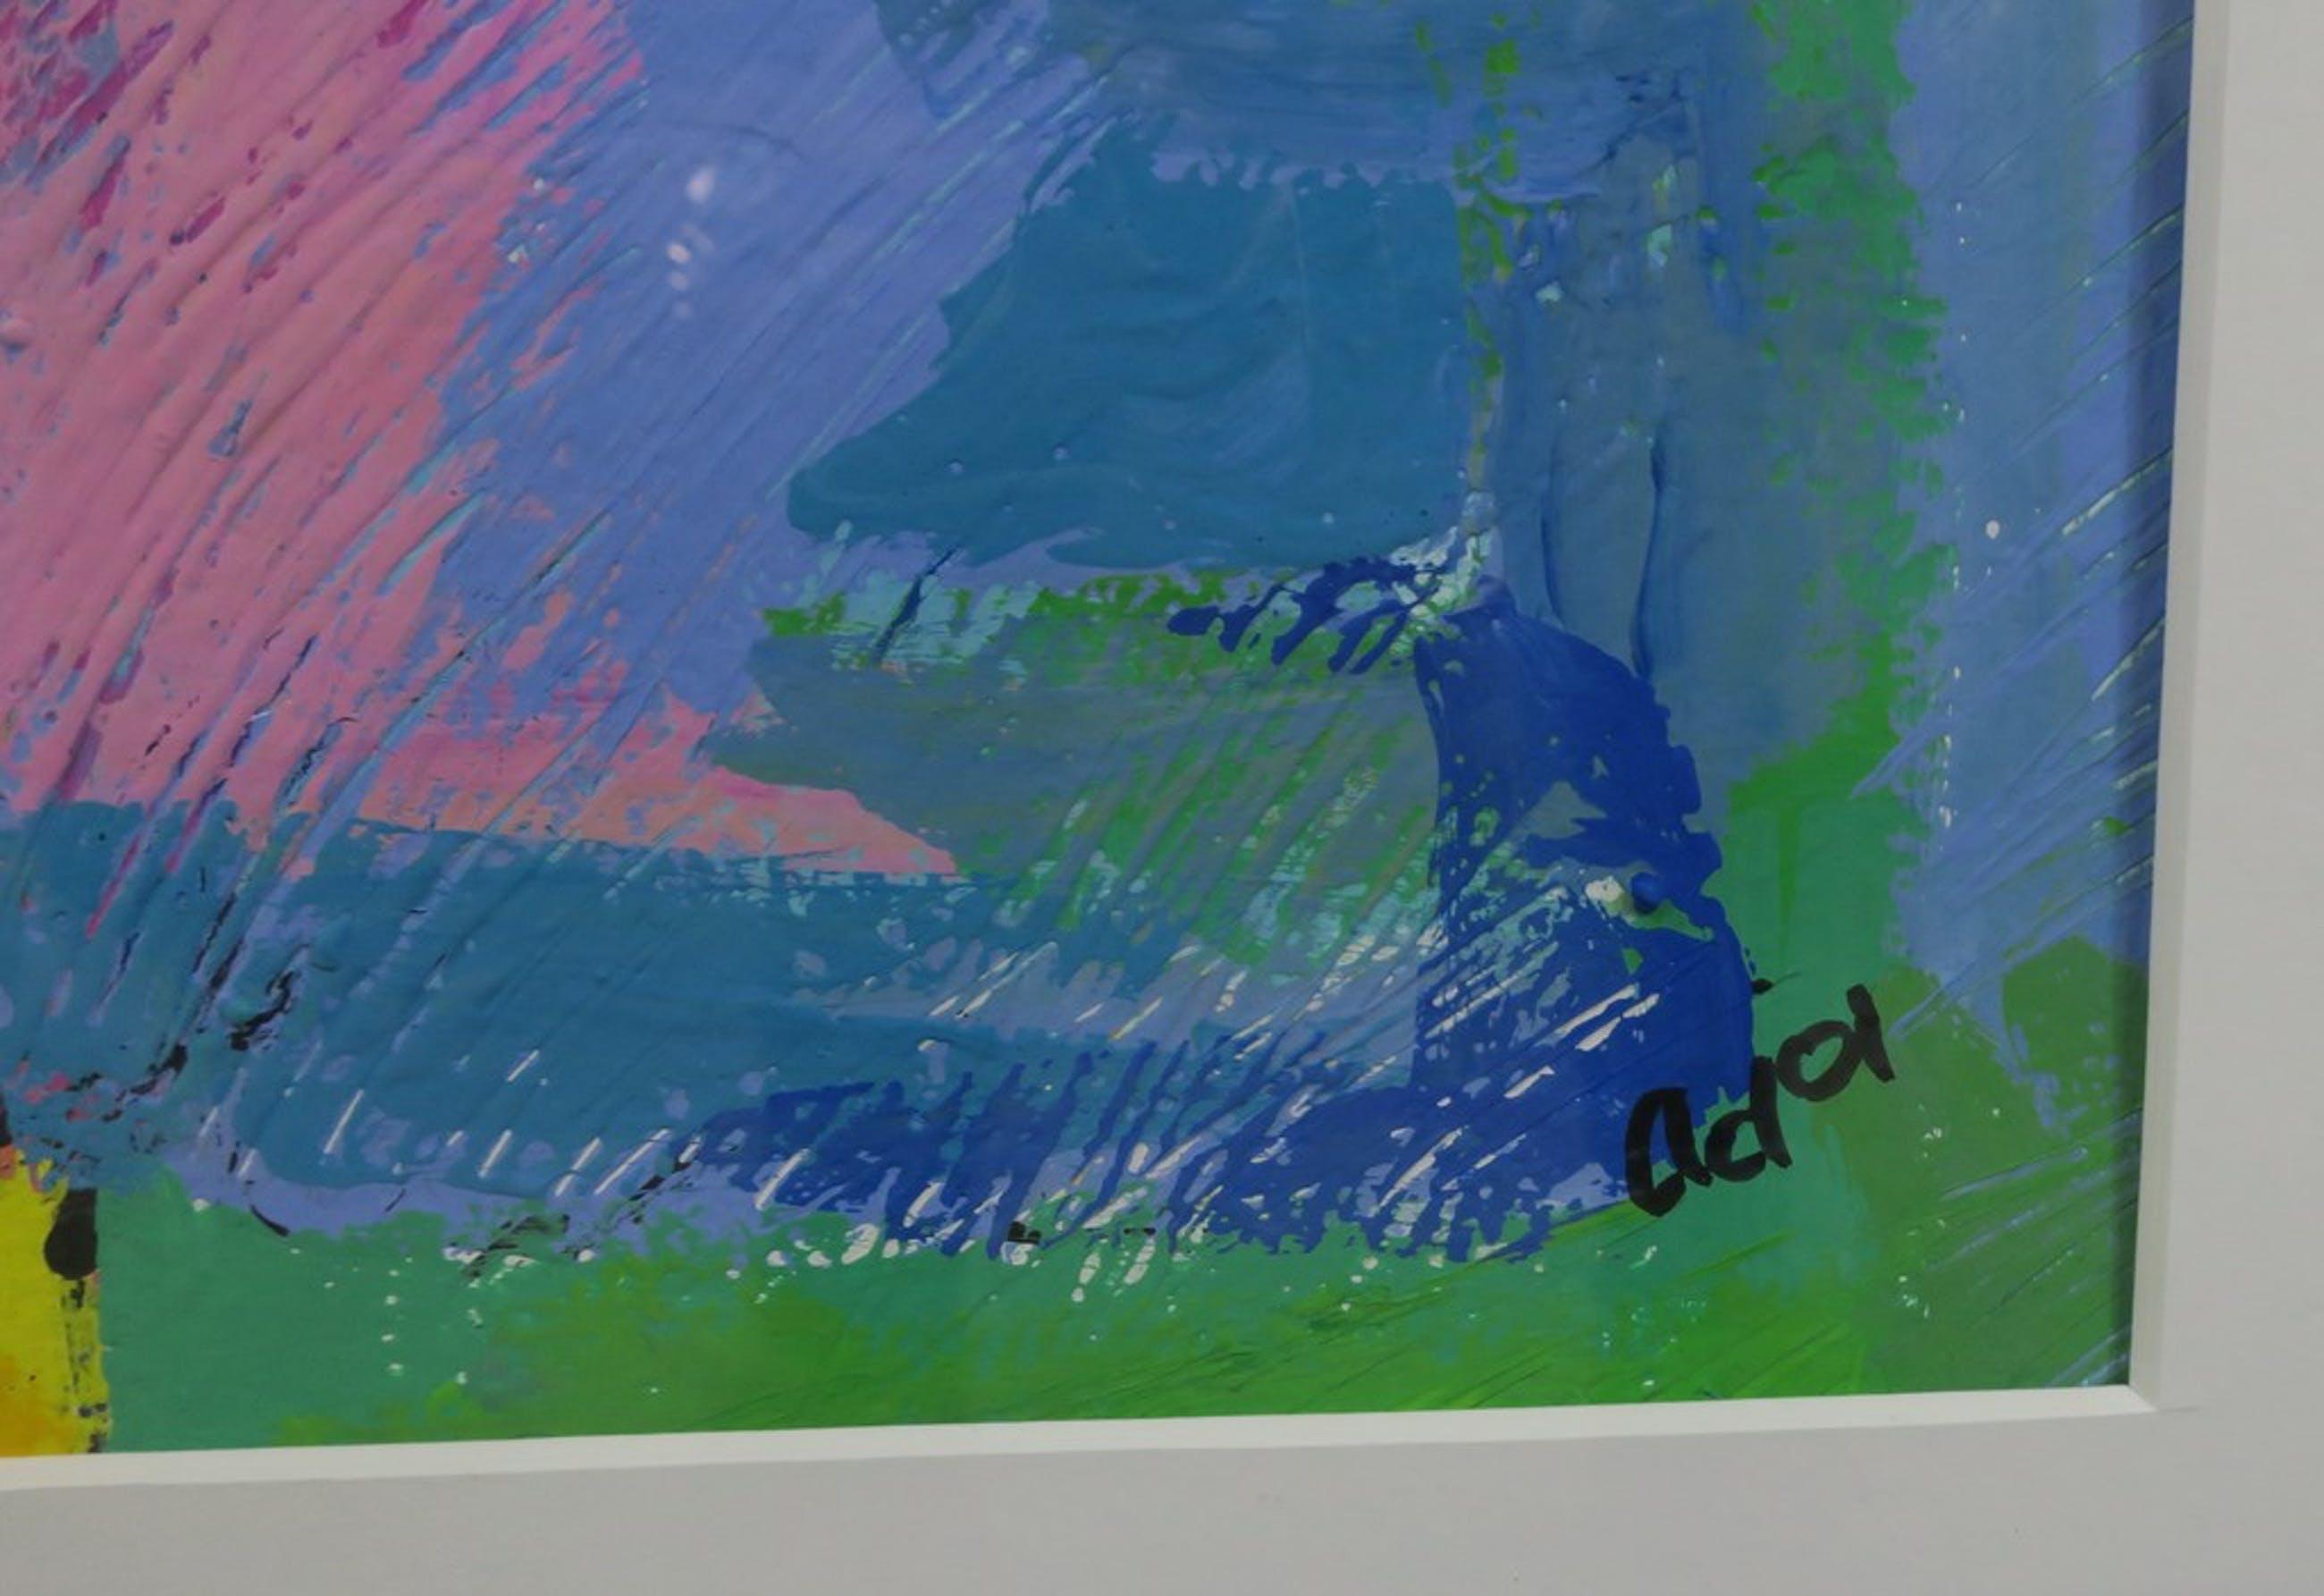 Onbekend gesigneerd: Acryl op papier, Z.T. (2) - Ingelijst kopen? Bied vanaf 1!